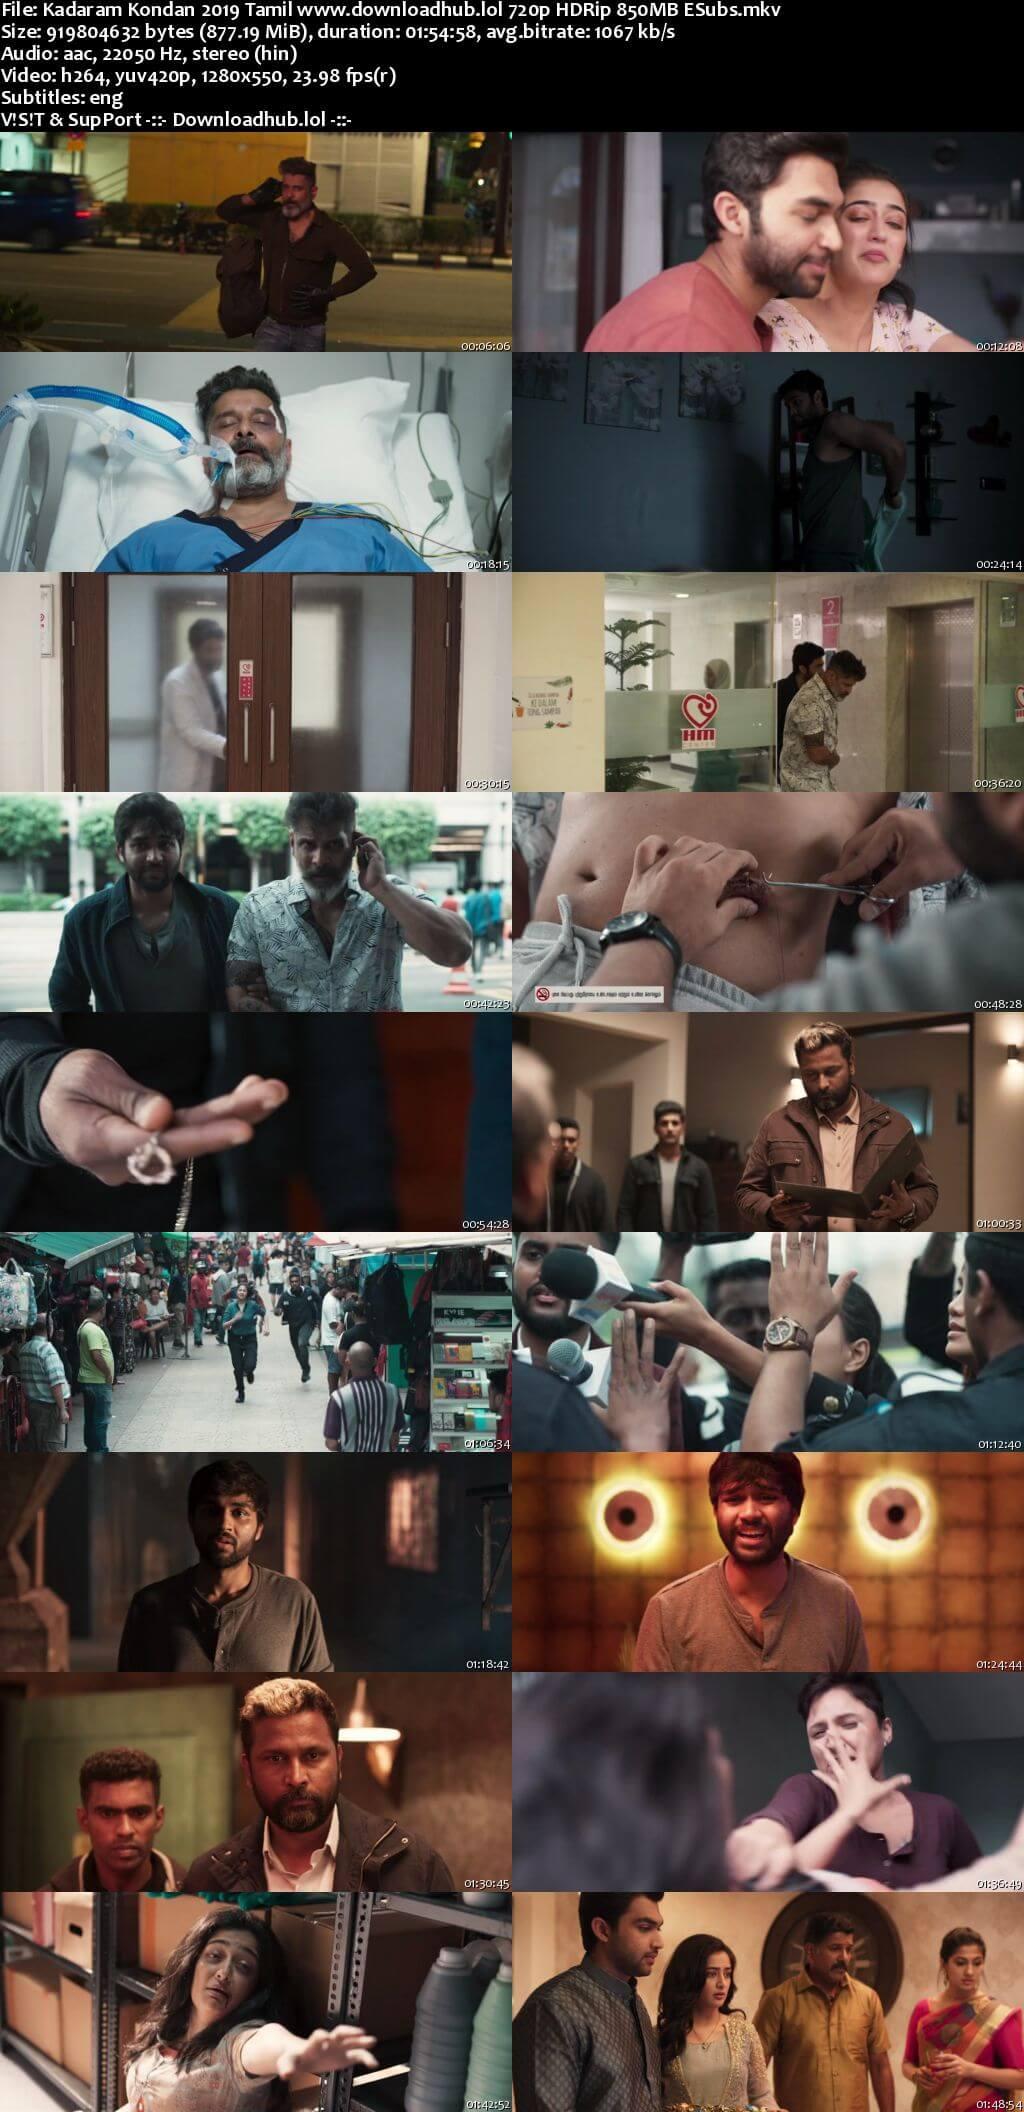 Kadaram Kondan 2019 Tamil 720p HDRip ESubs